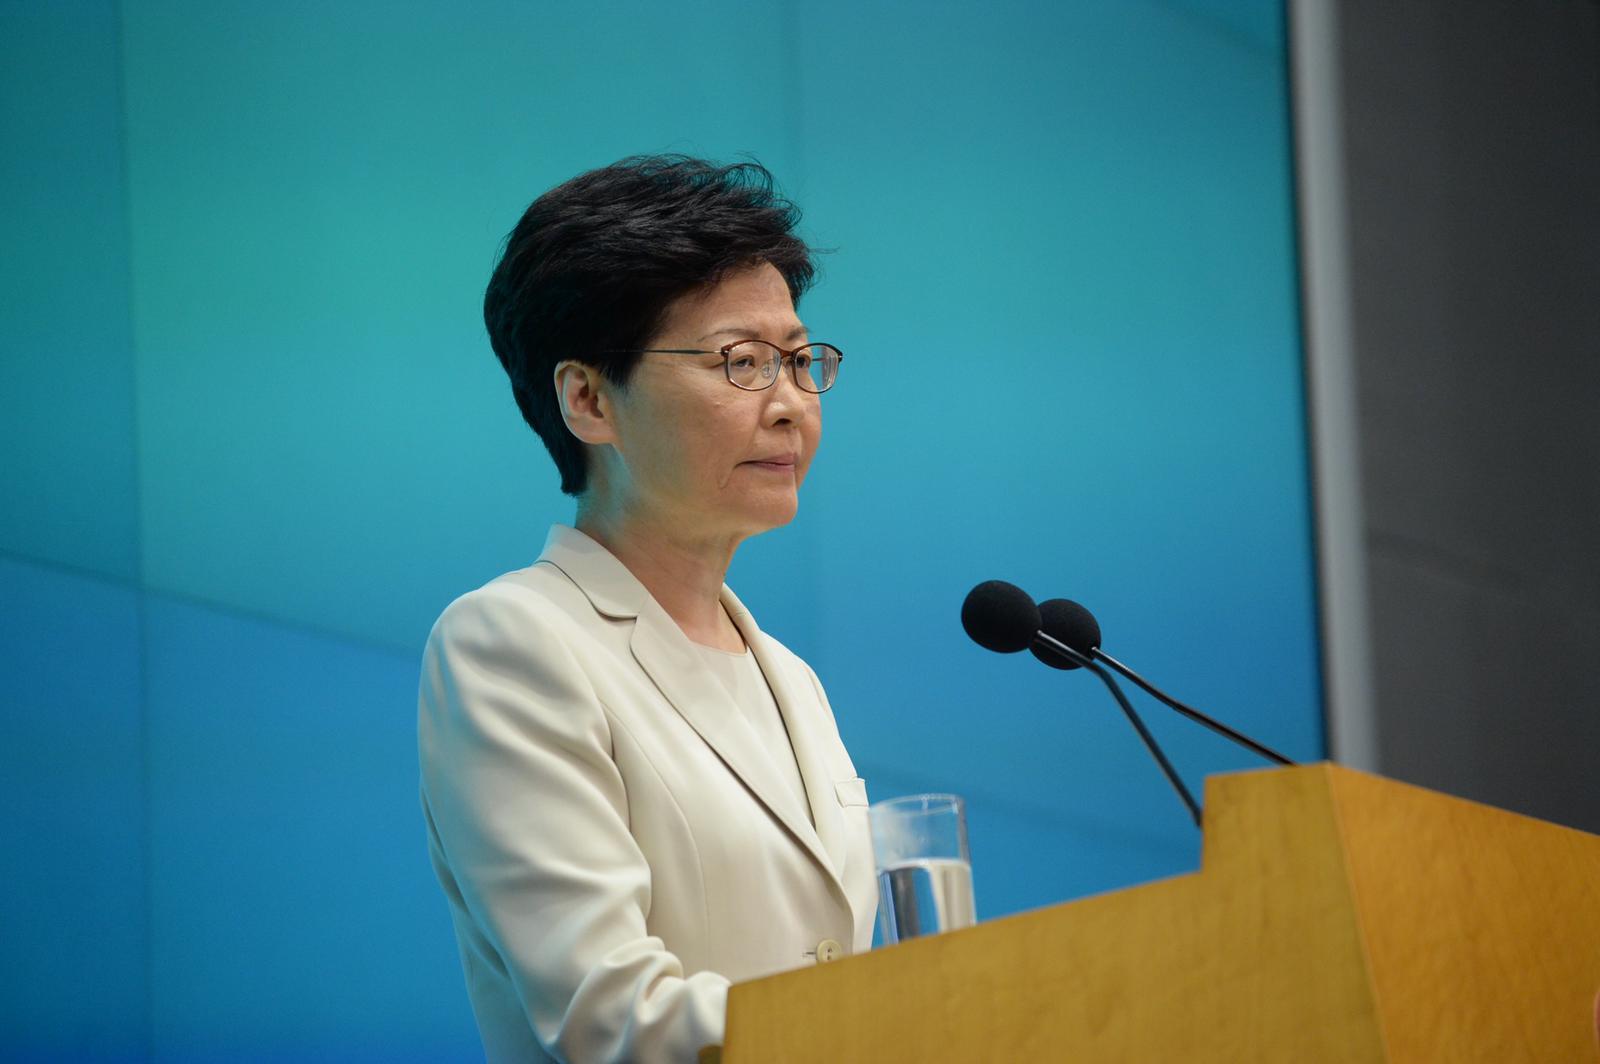 林鄭月娥承認未來管治非常困難。